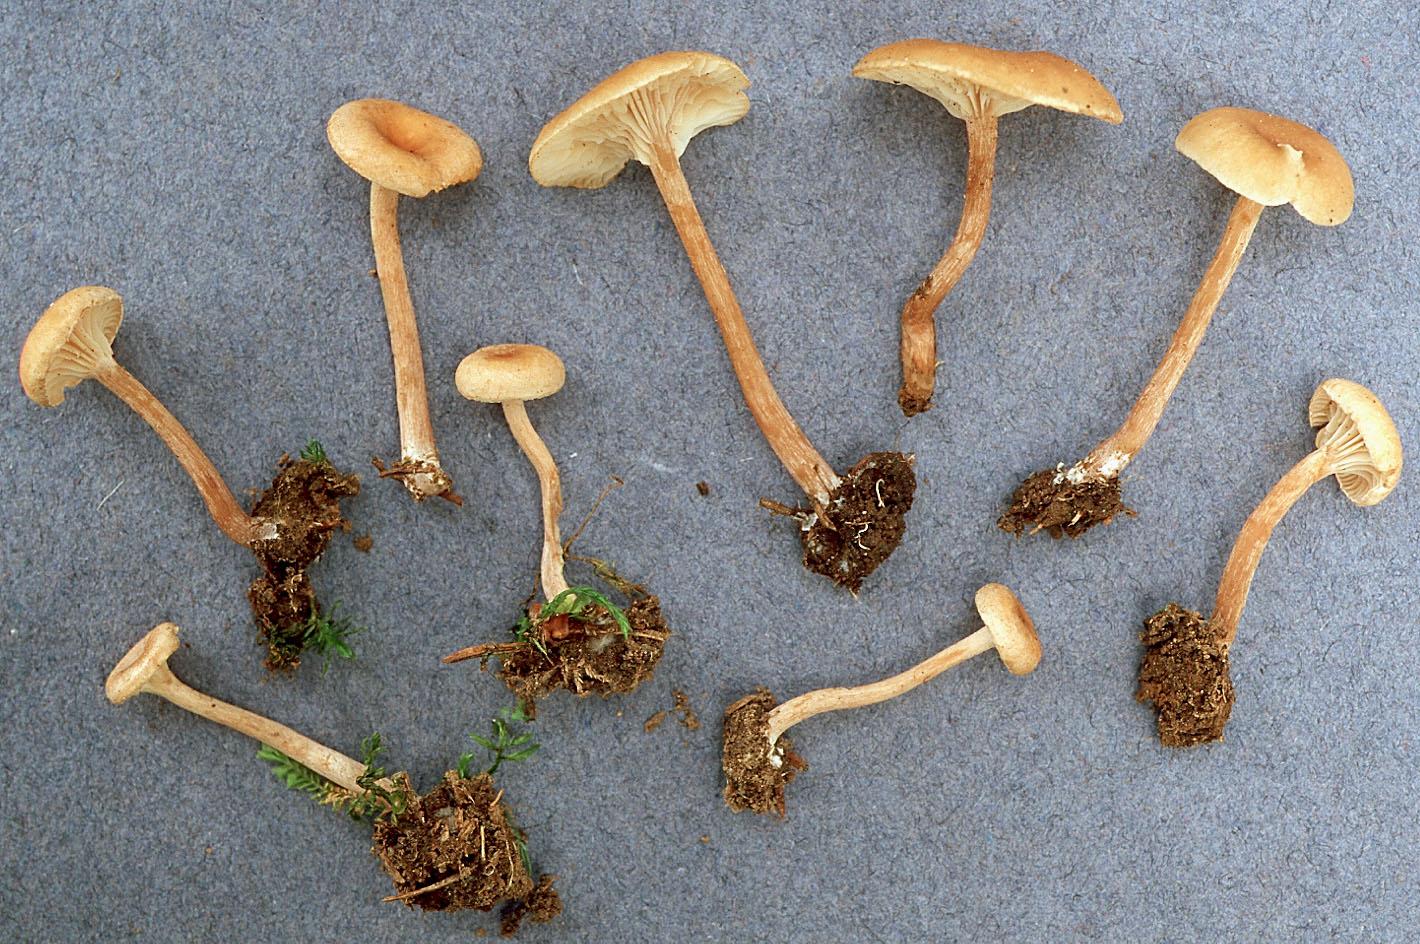 Pseudoomphalina kalchbrenneri